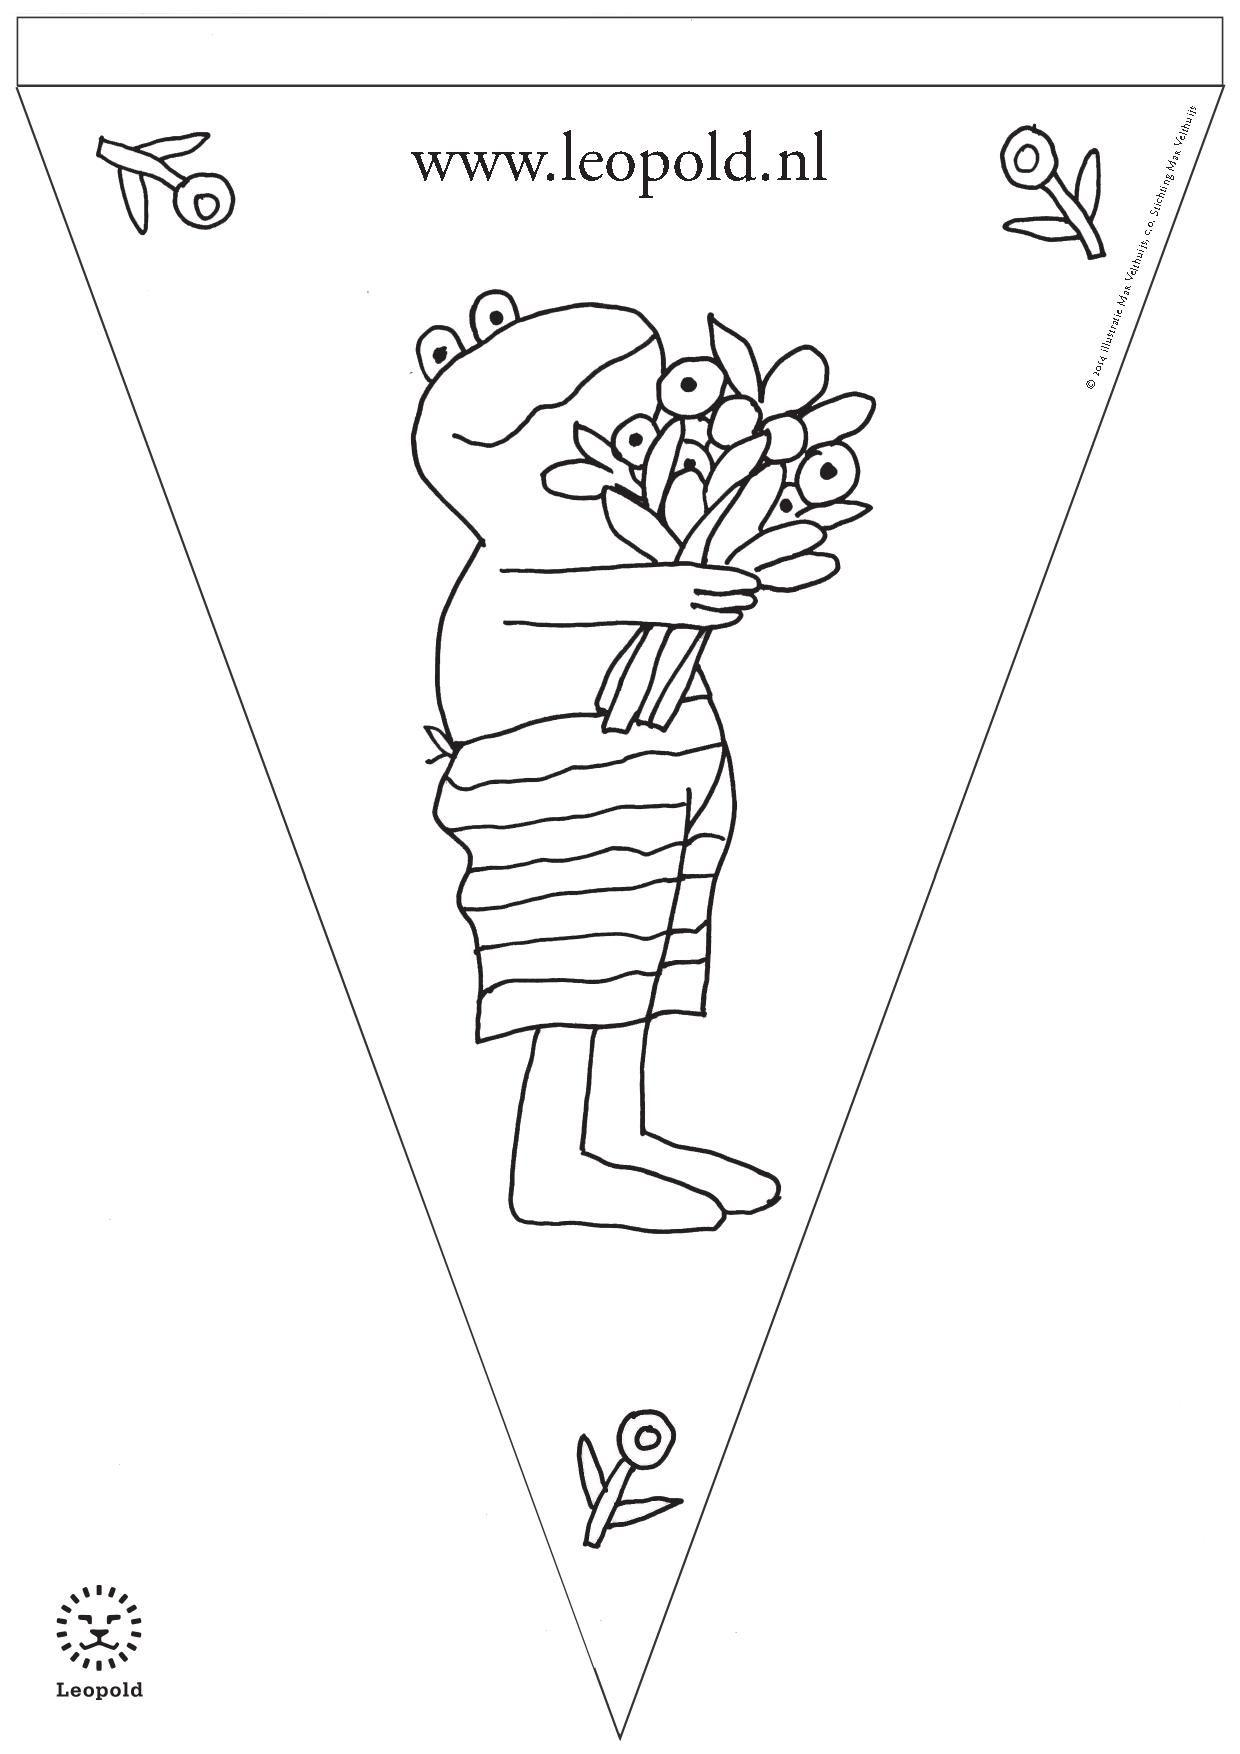 Kleurplaat Vlag 2014 1 Jpg 1240 1754 Kikker Thema Kikker Eenhoorn Behang